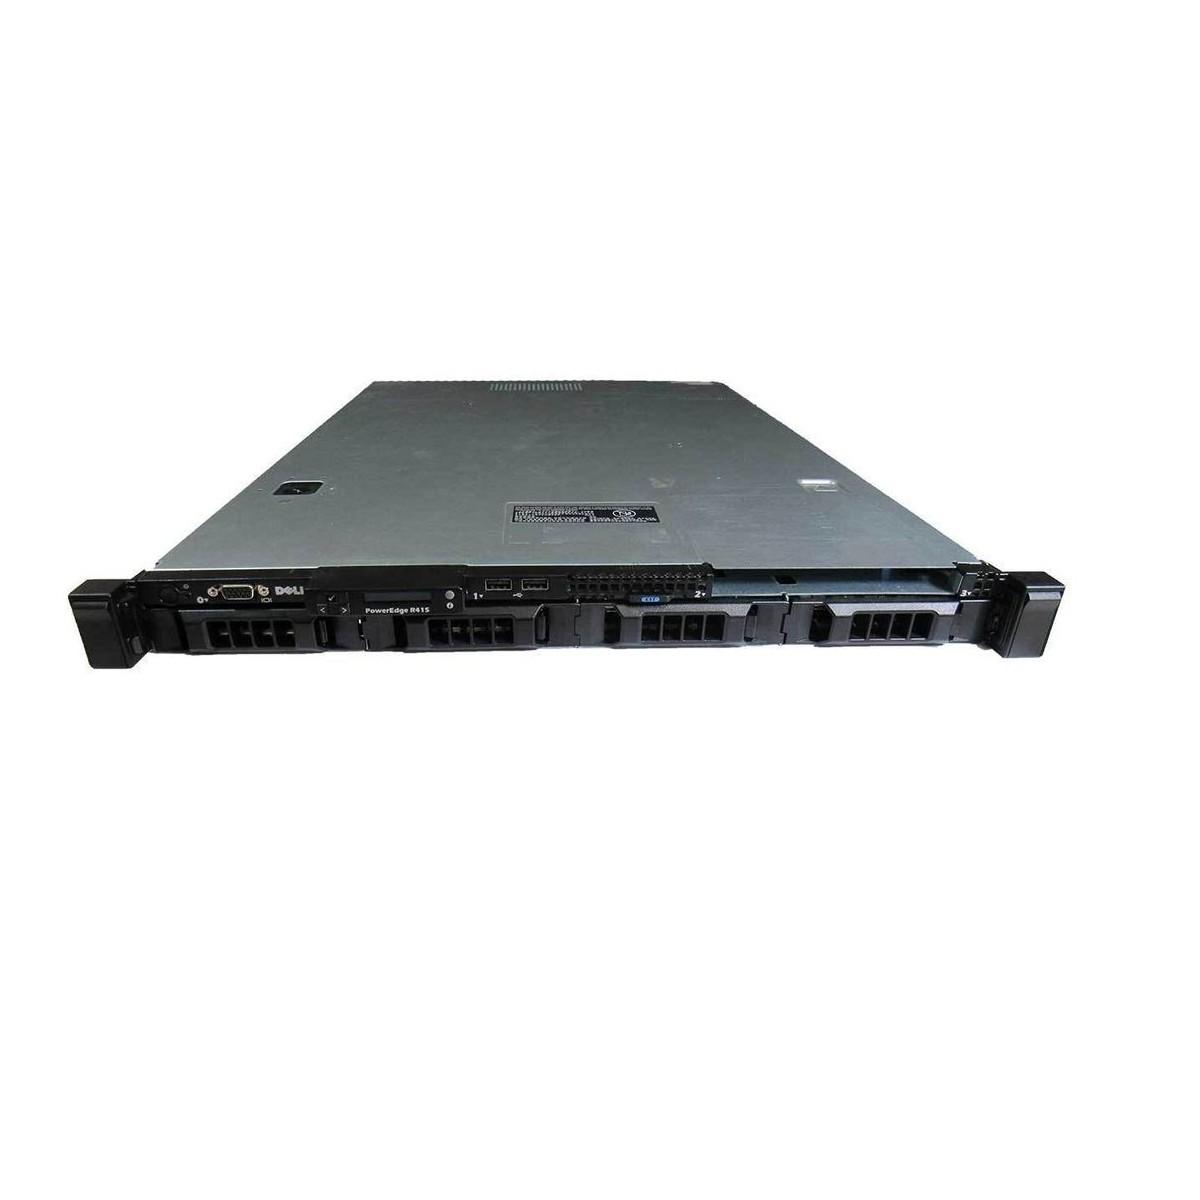 DELL R415 2x2.6GHZ SIX 16GB 2x500GB SATA PERC S100